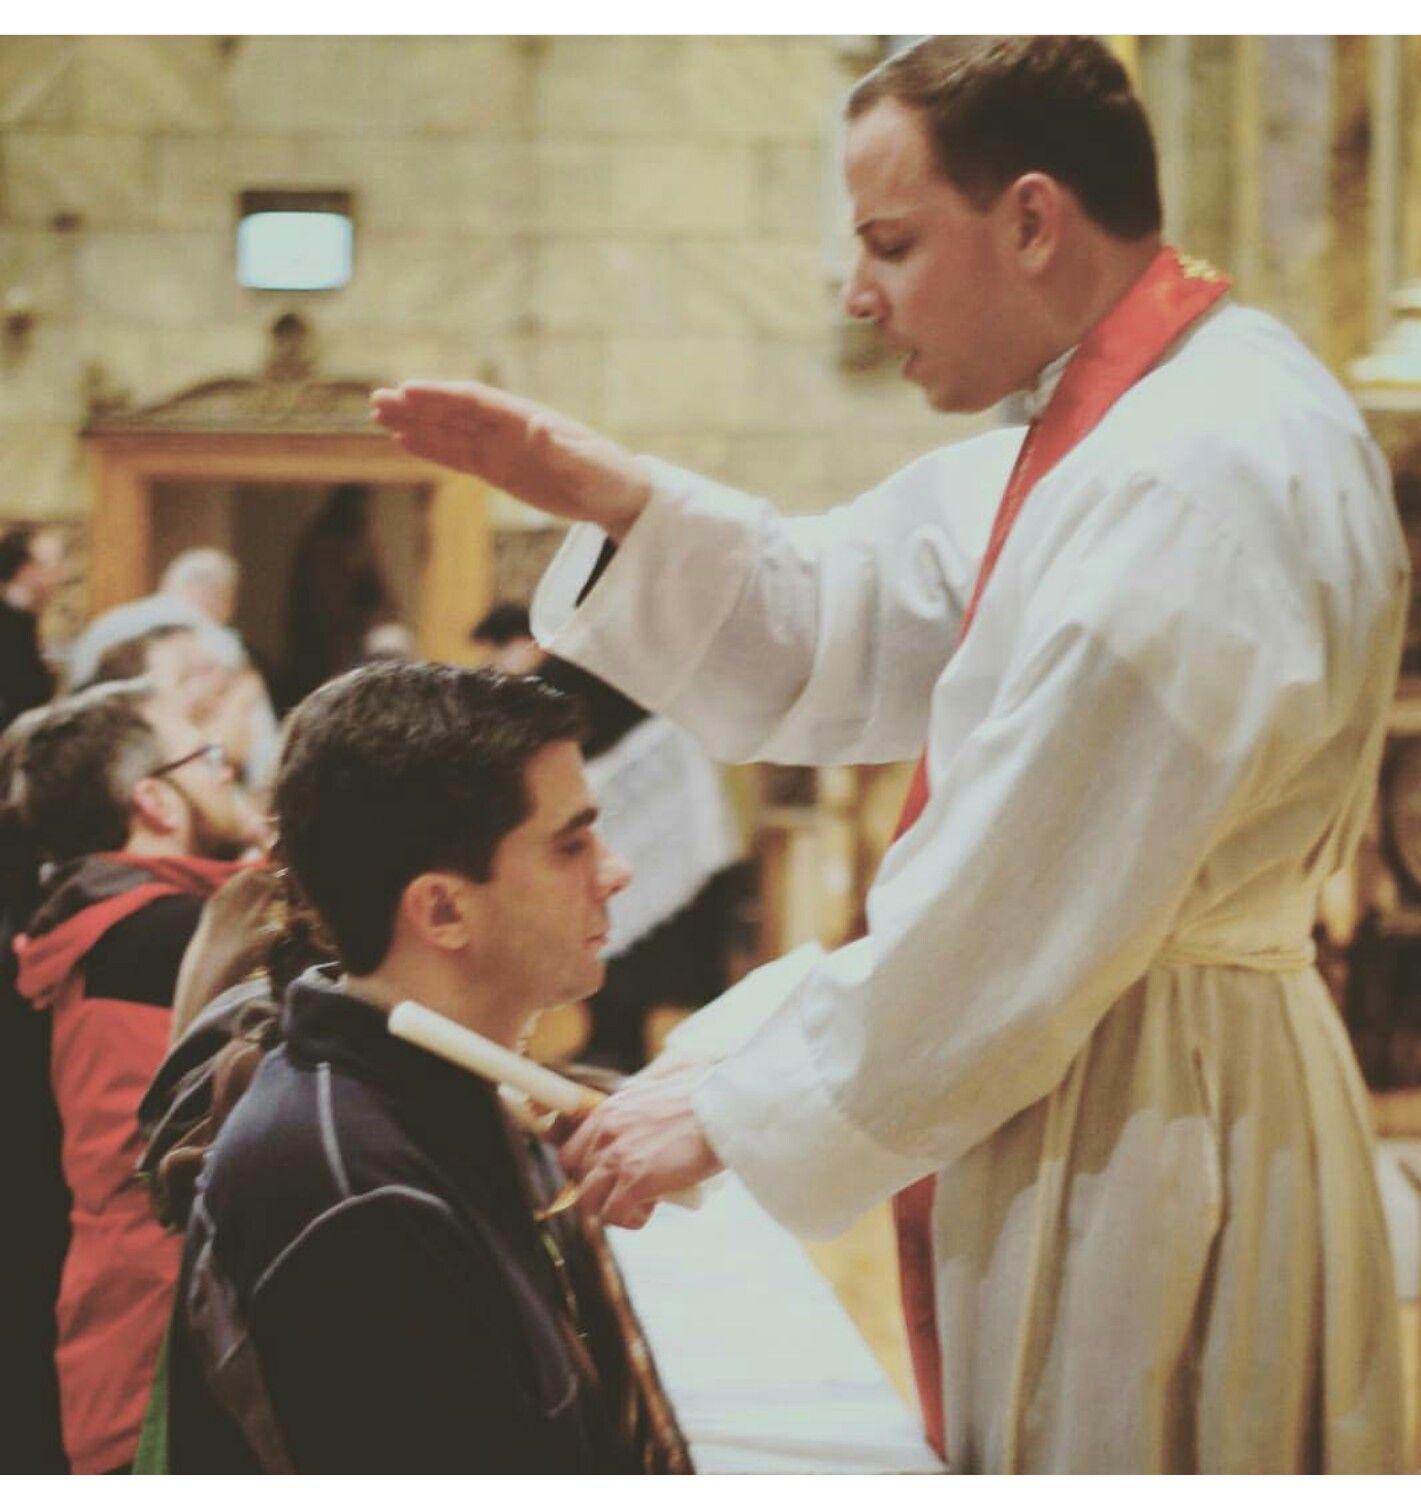 Pin by Deborah Hayes on Priests, Monks, Friars Catholic